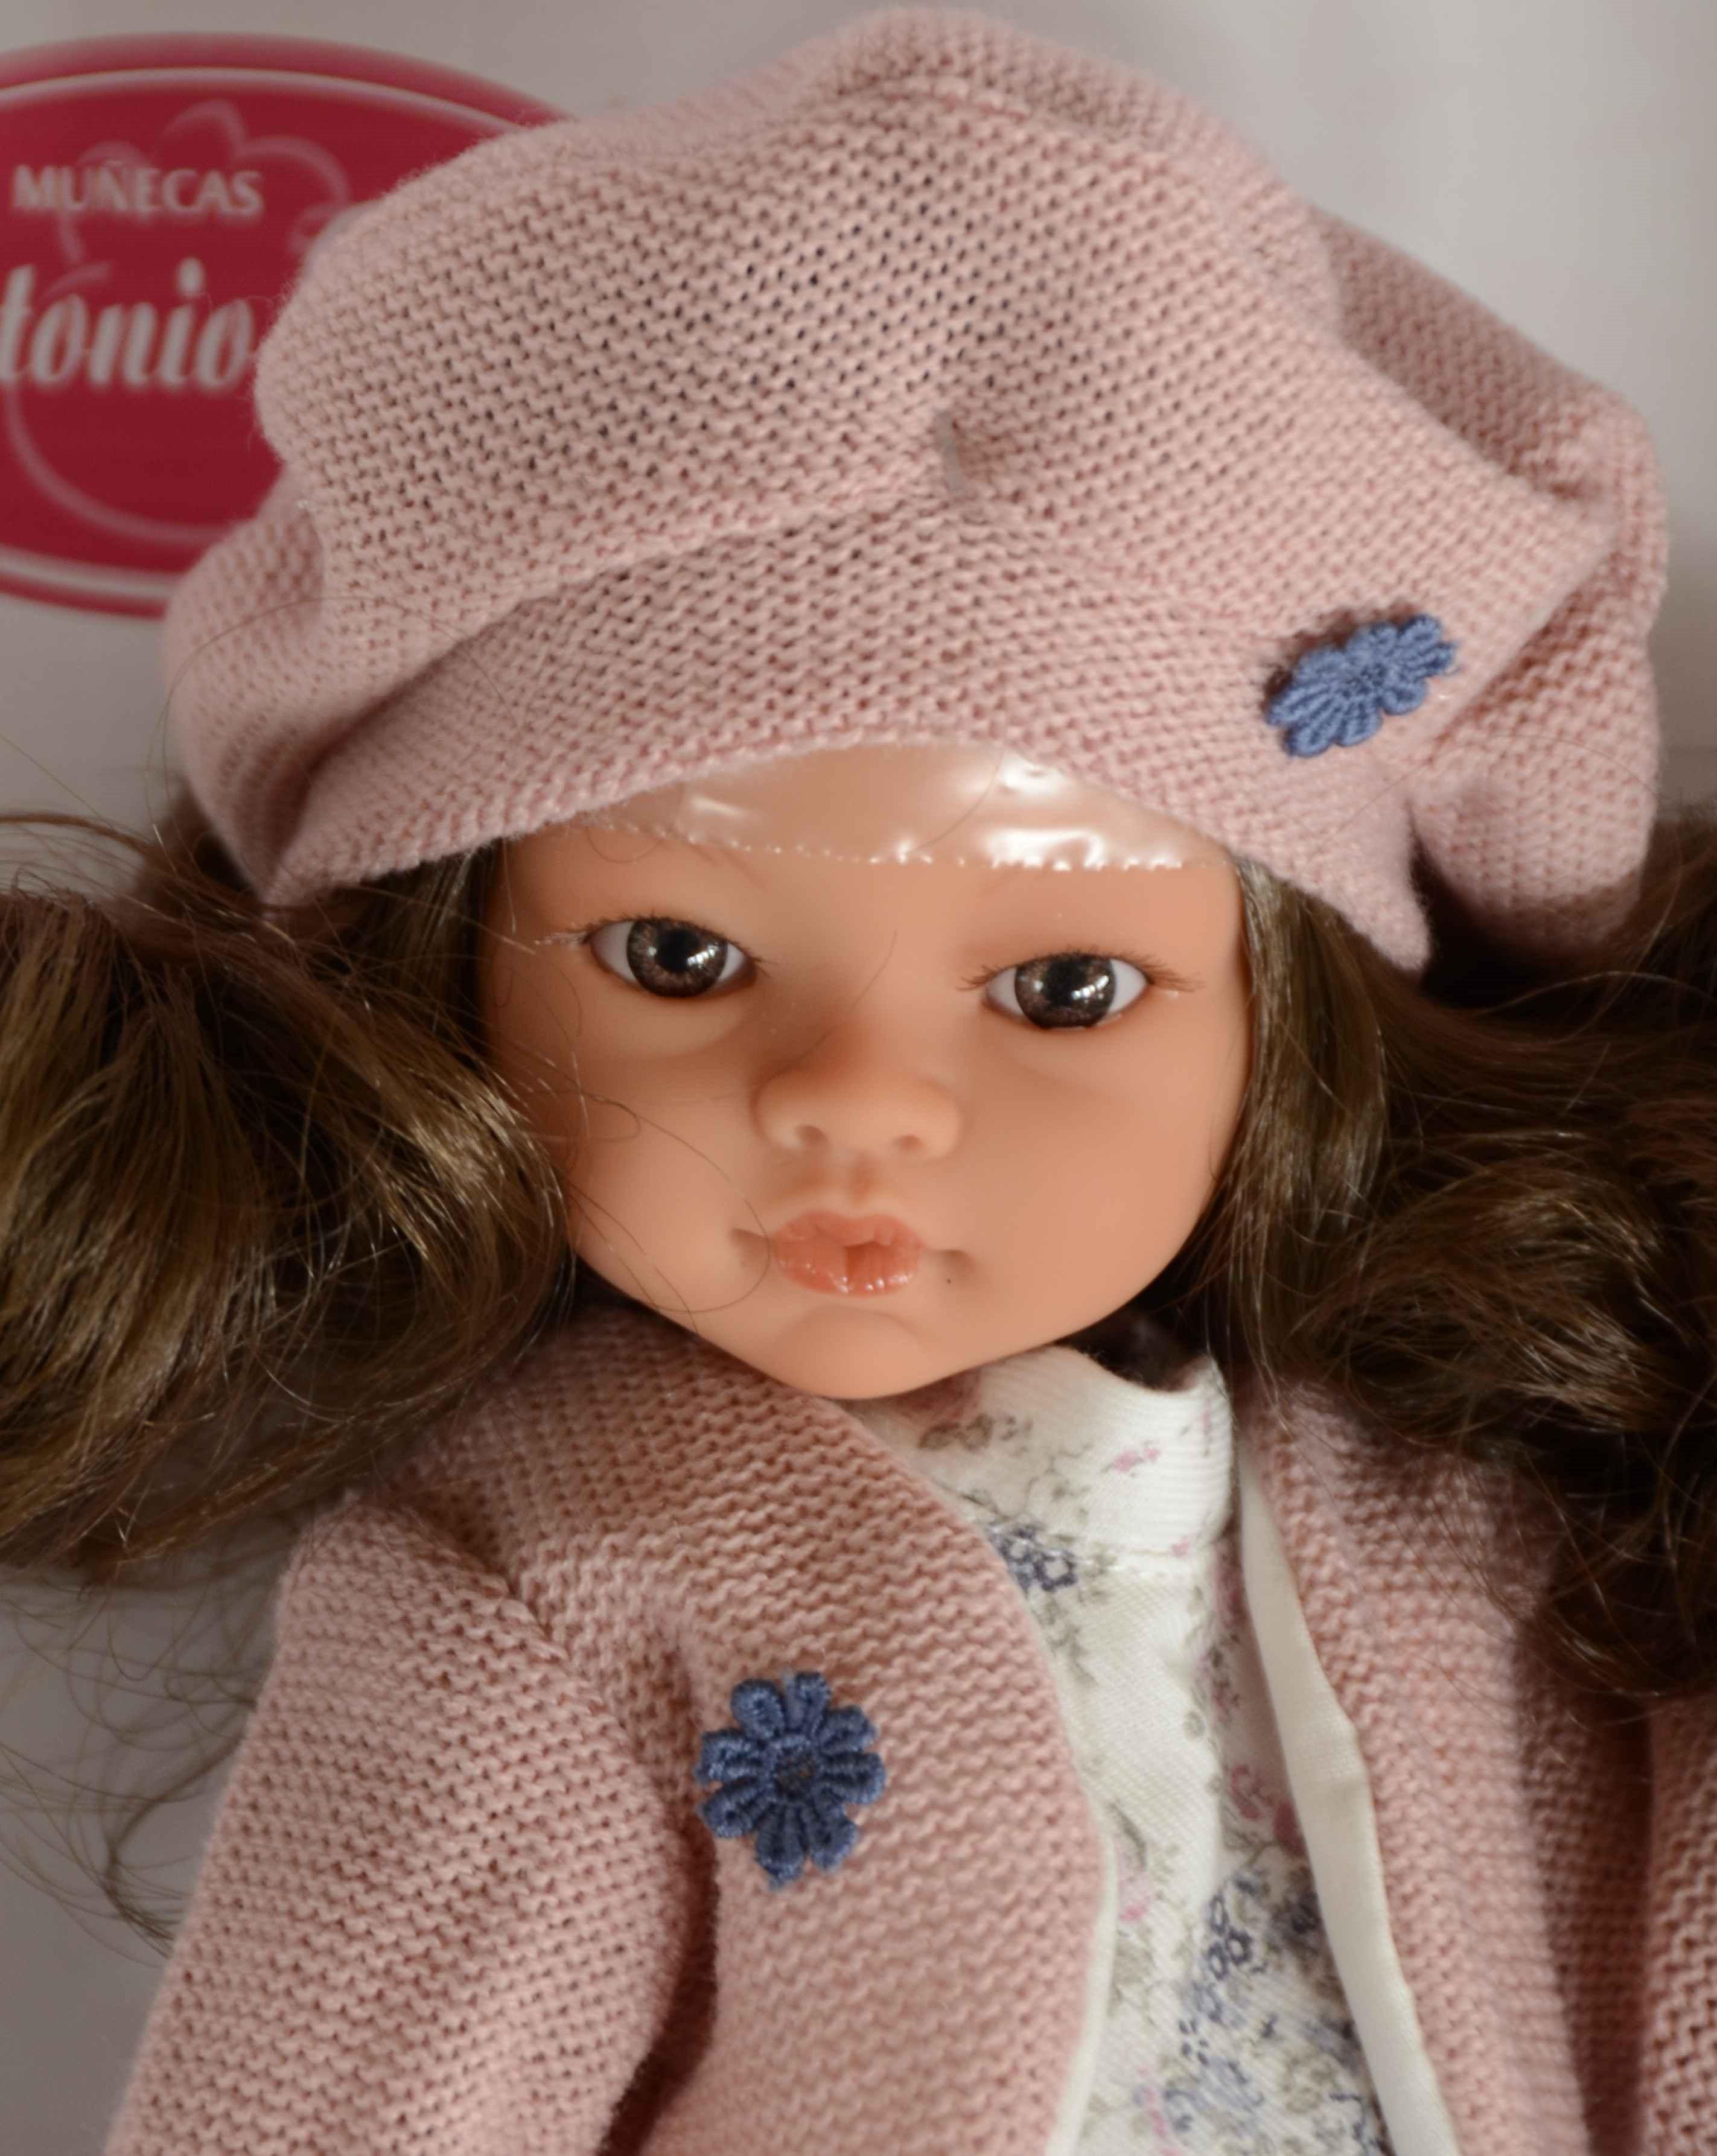 Realistická panenka - Emily Falda Azul -tmavé vlásky